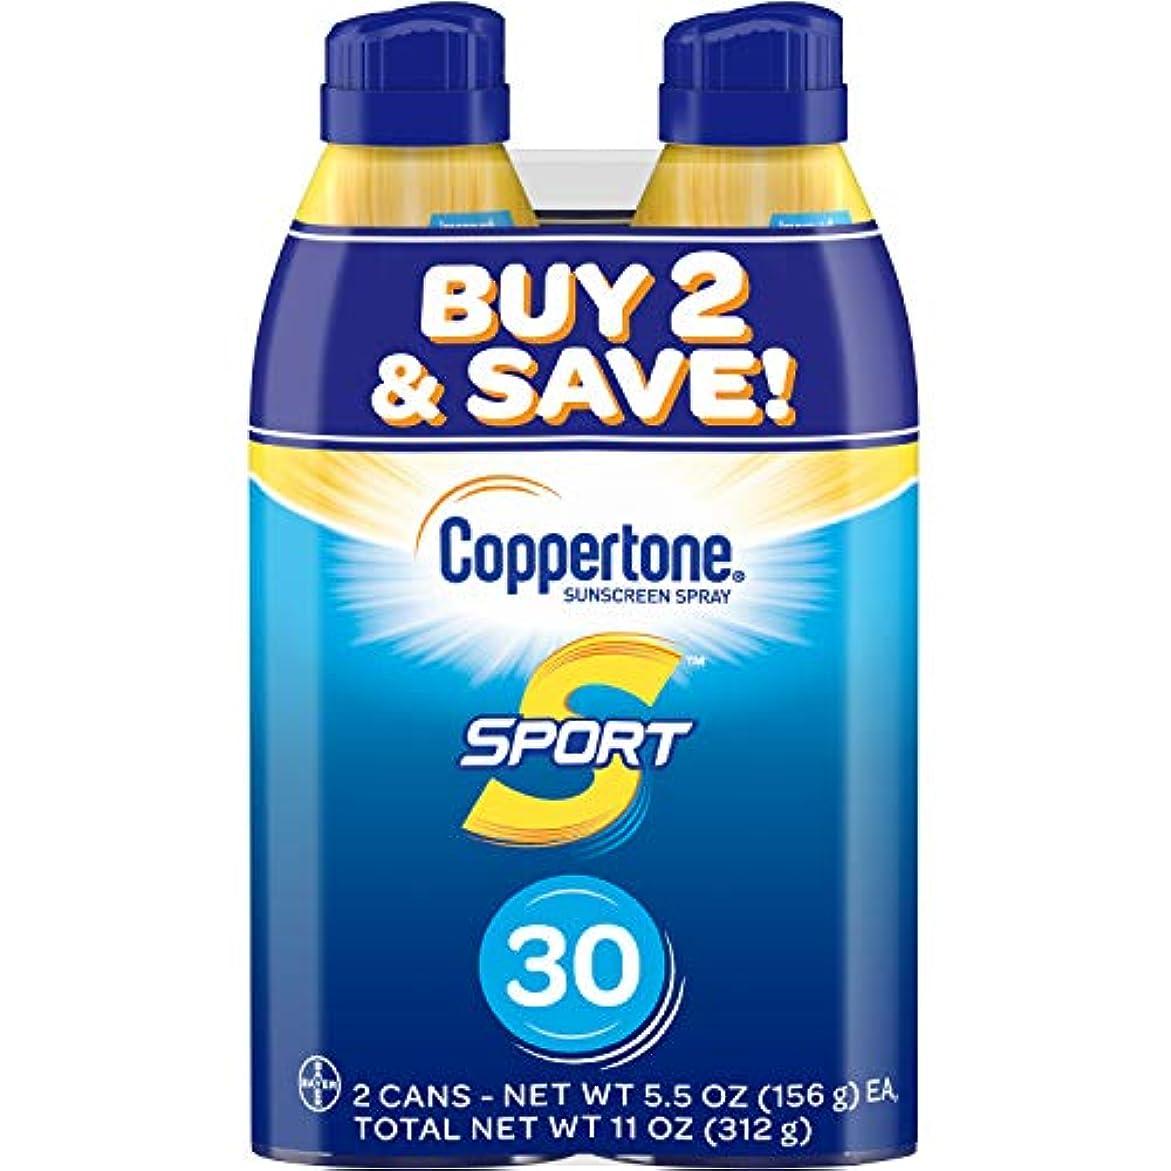 発言するラップ召集するCoppertone スポーツ連写日焼け止め広域スペクトルSPFスプレー30(5.5オンスボトル、ツインパック)